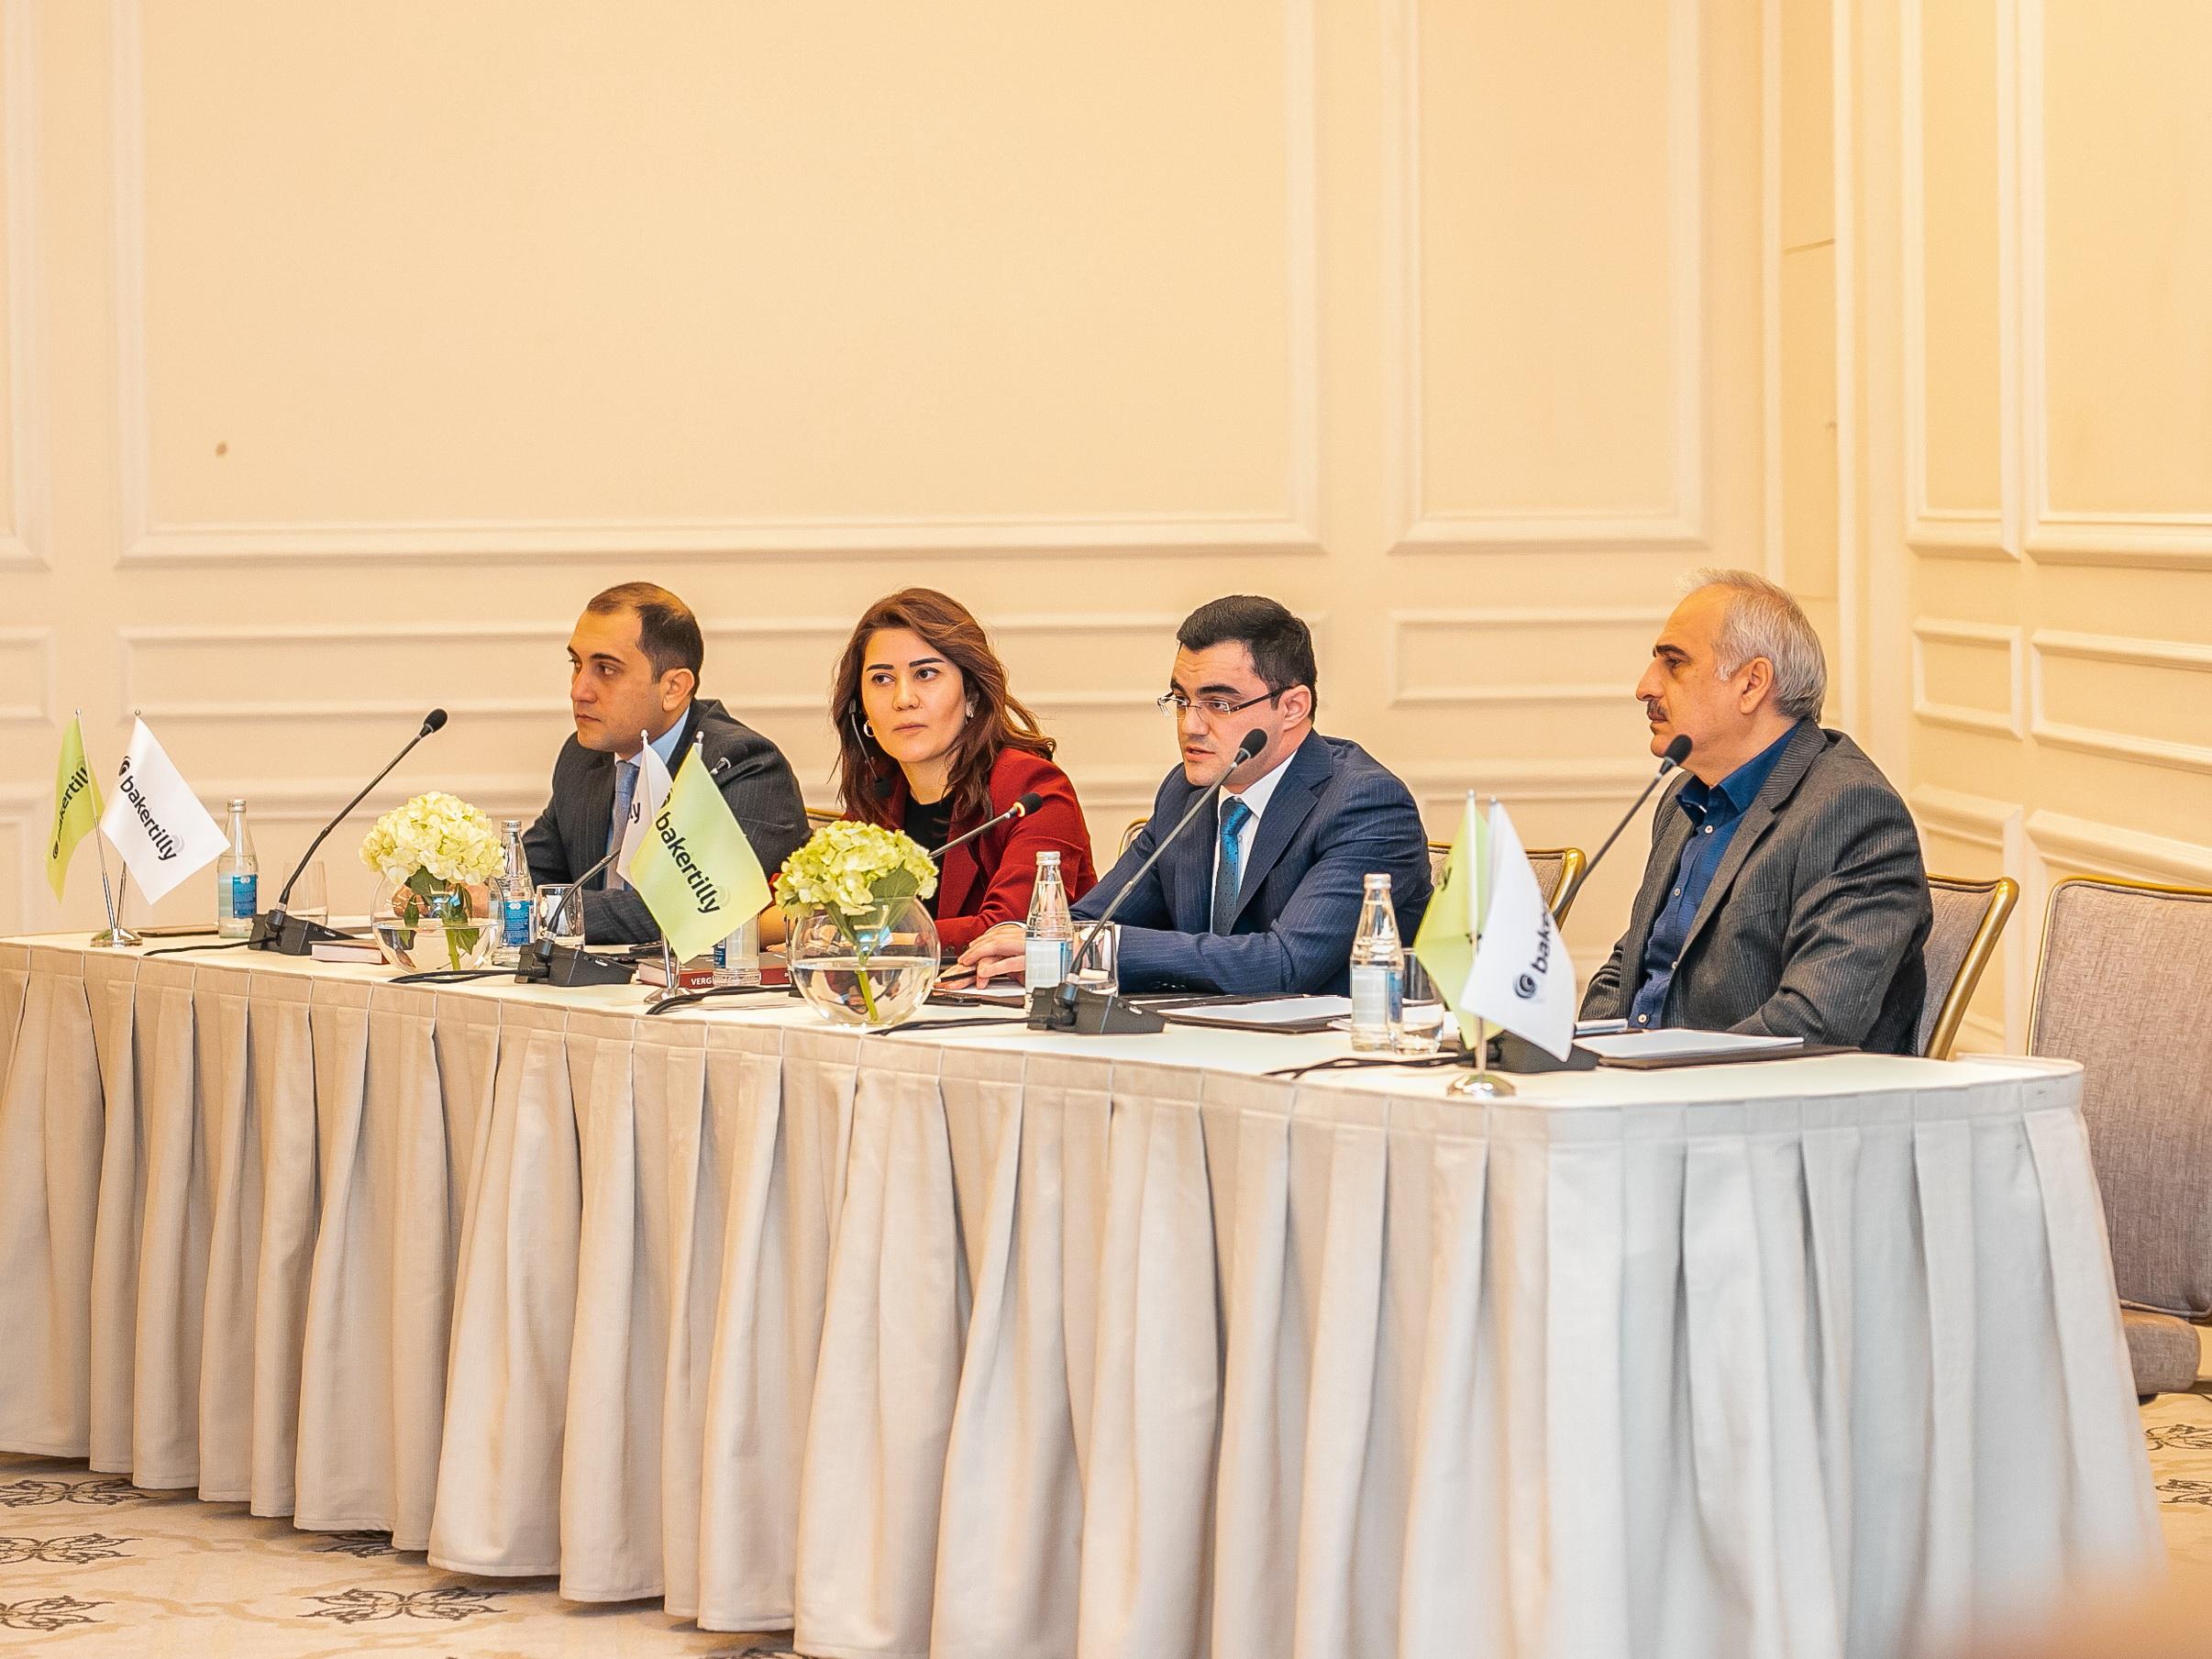 Компания «Baker Tilly» провела семинар на тему изменений в налоговом законодательстве Азербайджана - ФОТО - ВИДЕО